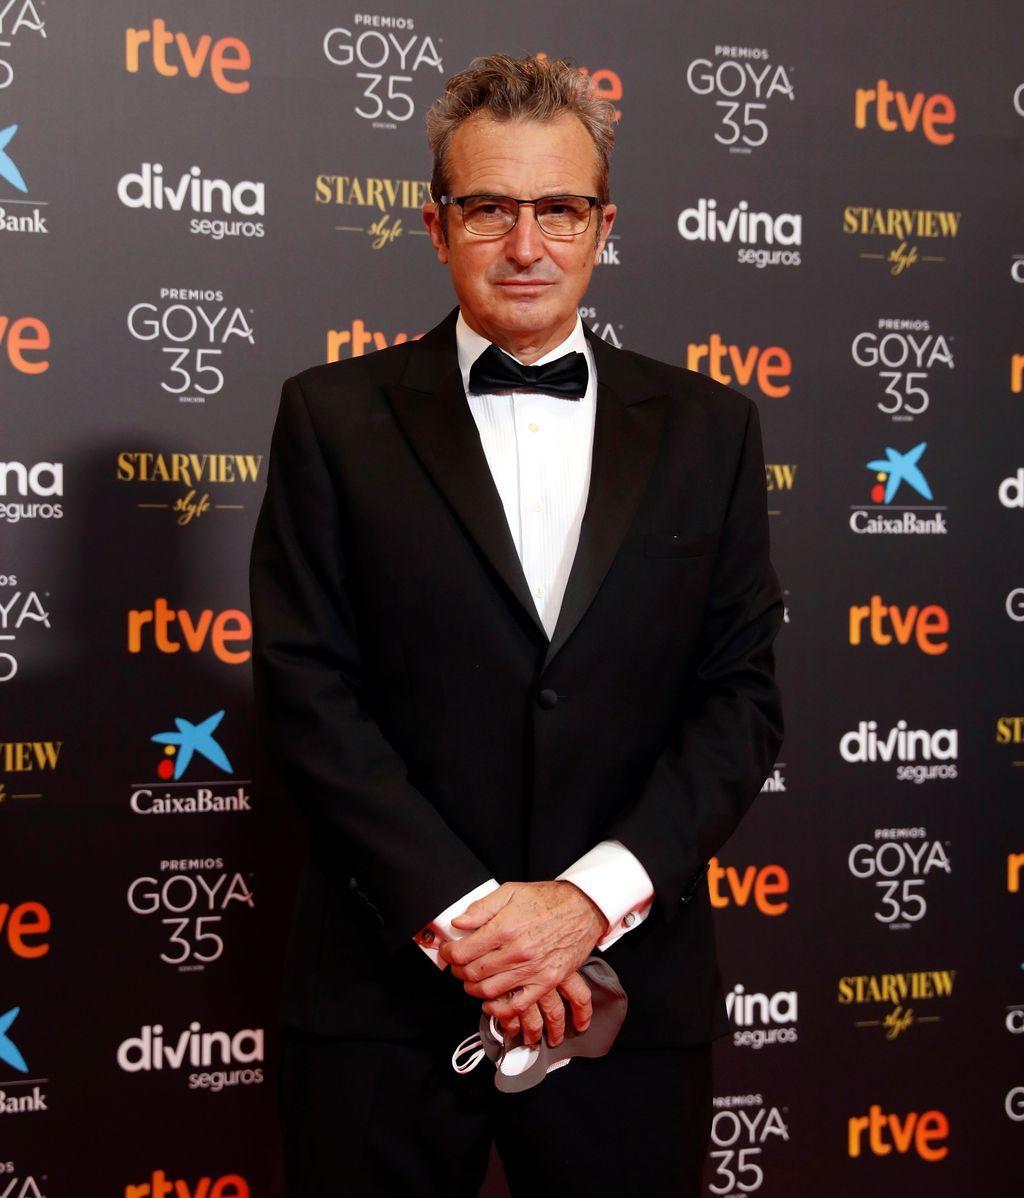 El presidente de la Academia de las Artes y las Ciencias Cinematográficas, Mariano Barroso, en la alfombra roja de los Premios Goya 2021